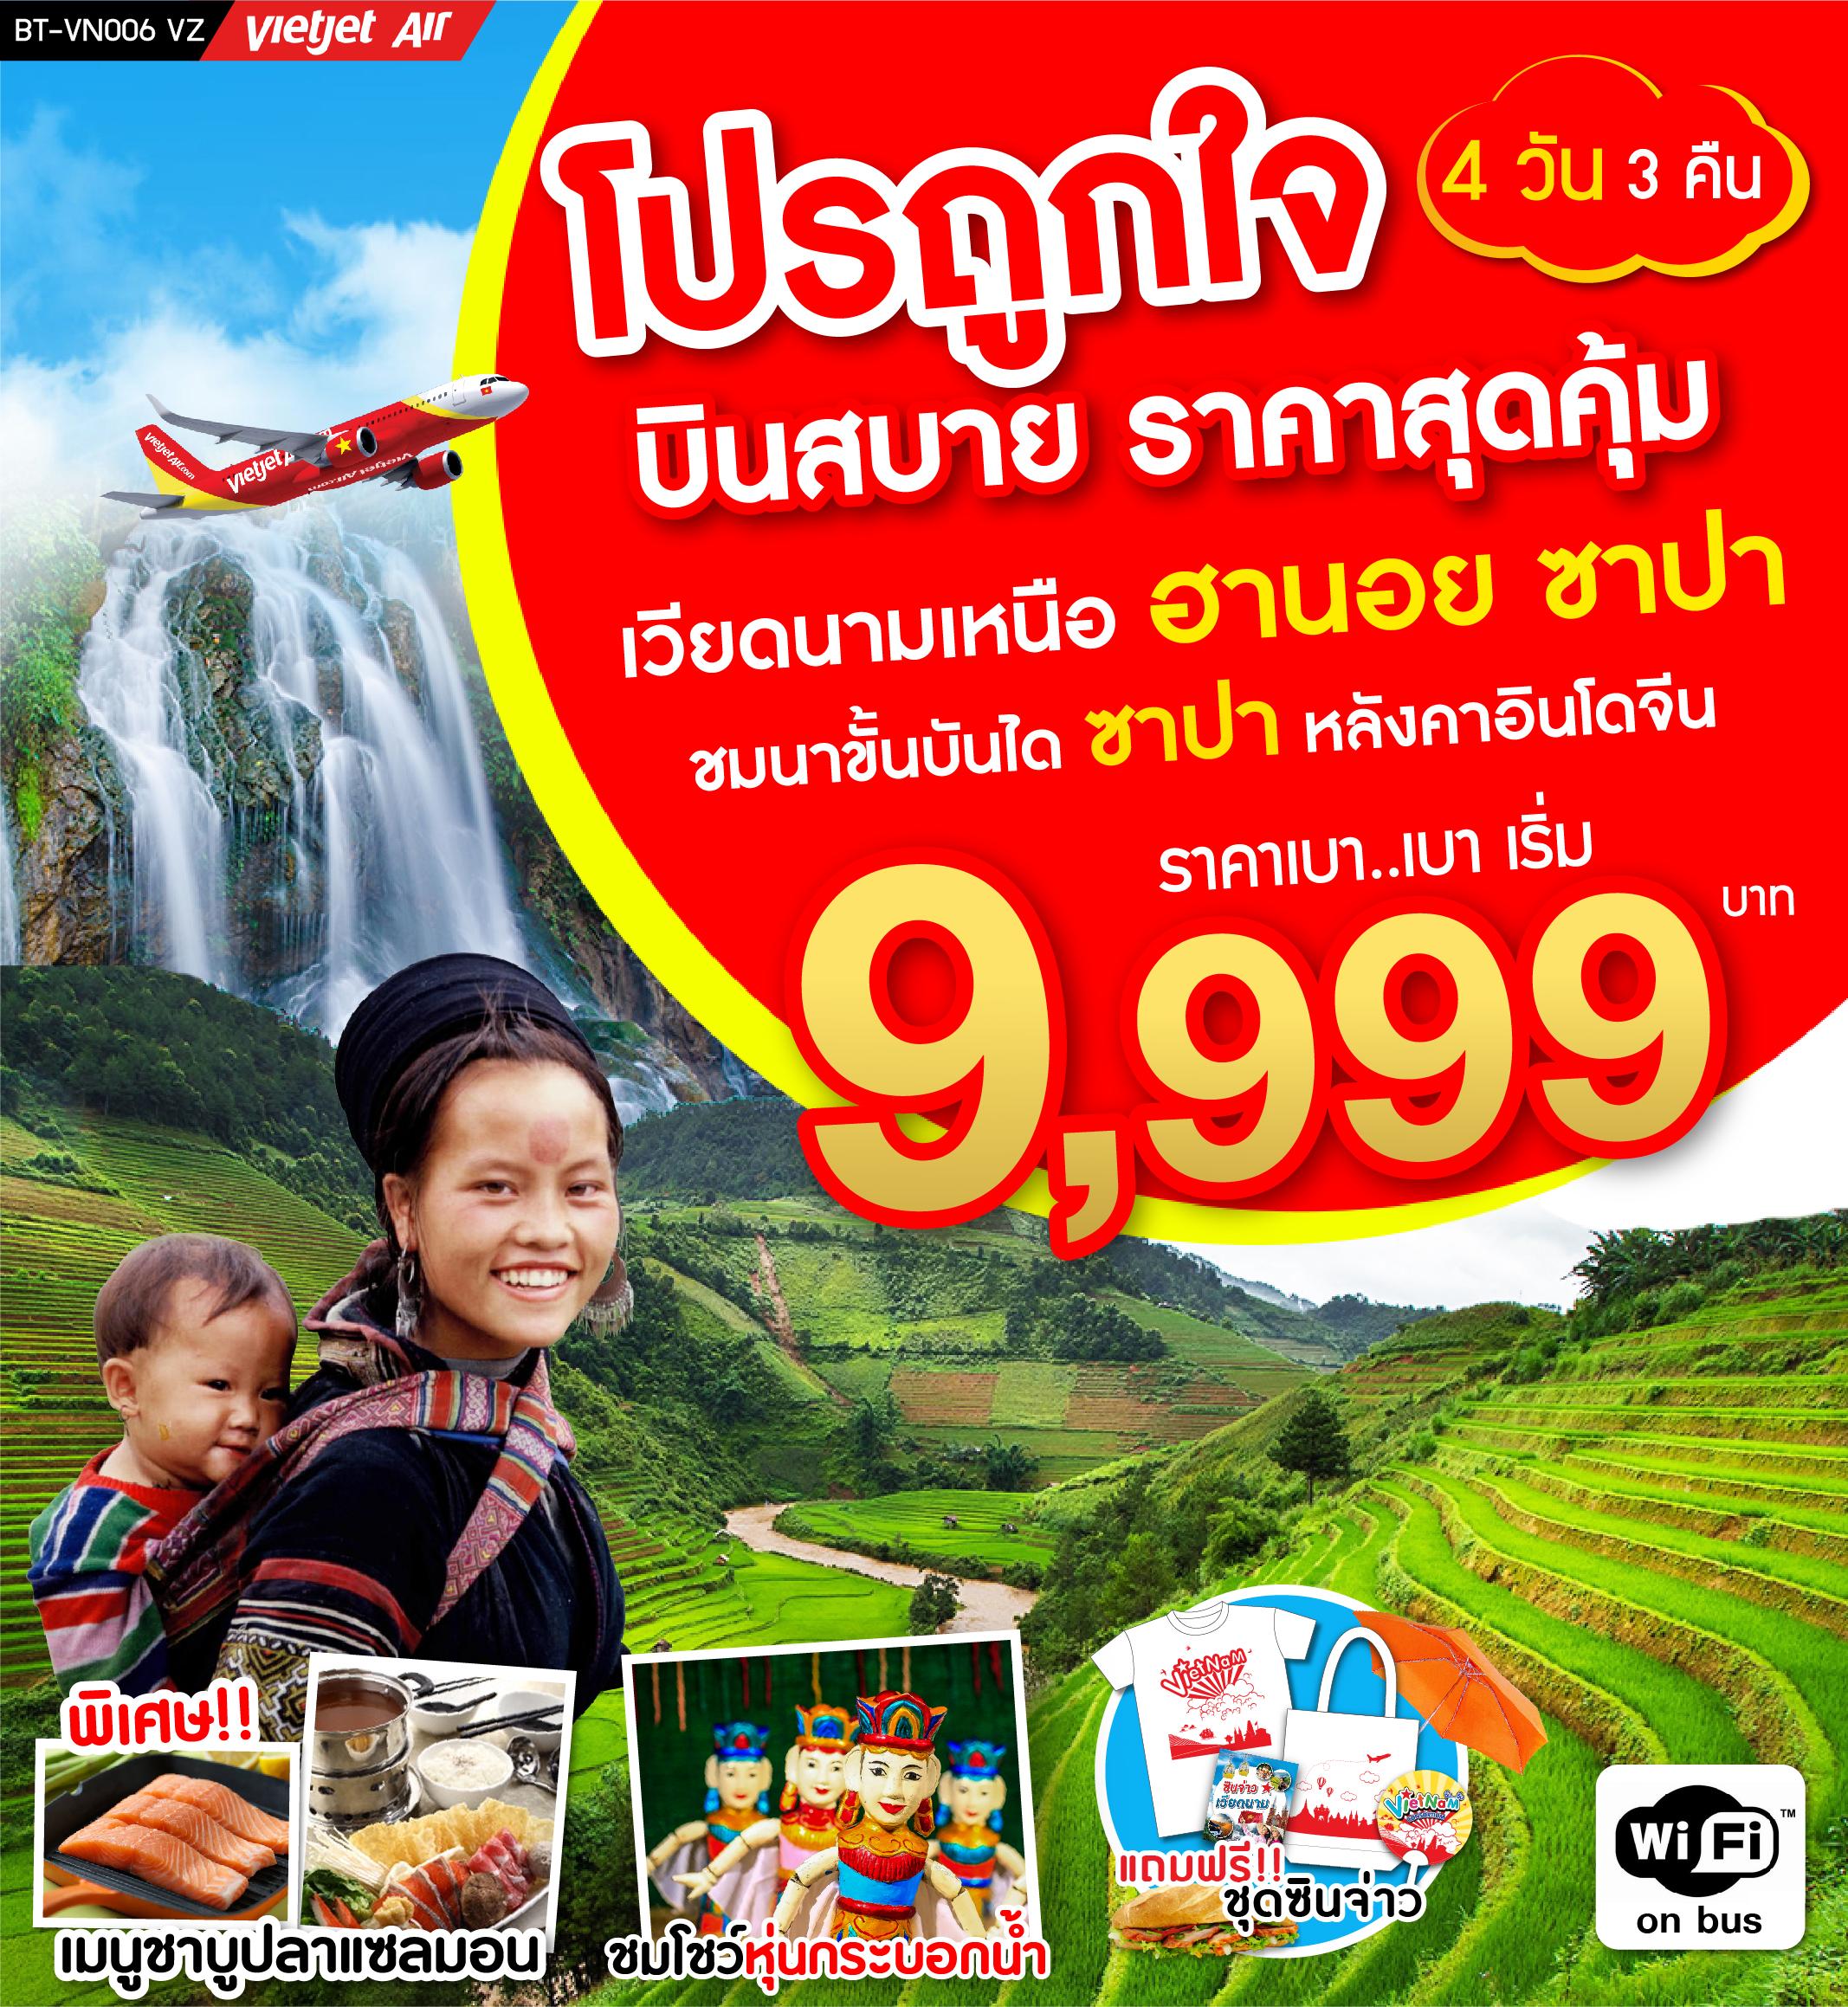 ทัวร์เวียดนามเหนือ-ฮานอย-ซาปา-4วัน-3คืน-(OCT-DEC18)-VN006